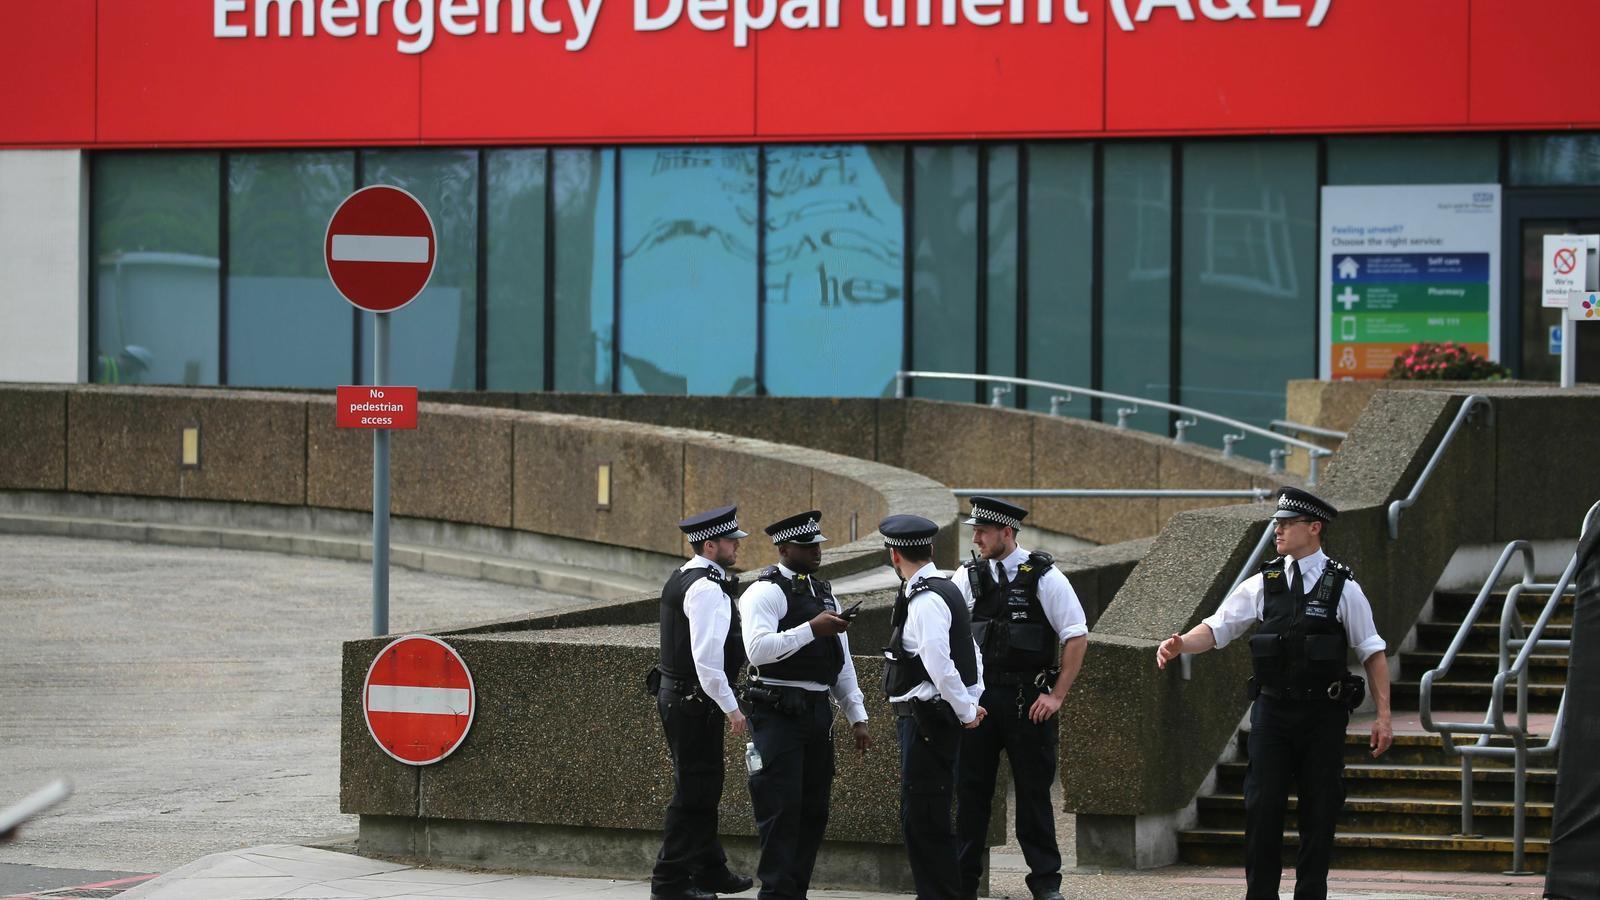 Un grup de policies, al davant de l'entrada d'emergències de l'Hospital de Saint Thomas, on es troba Boris Johnson